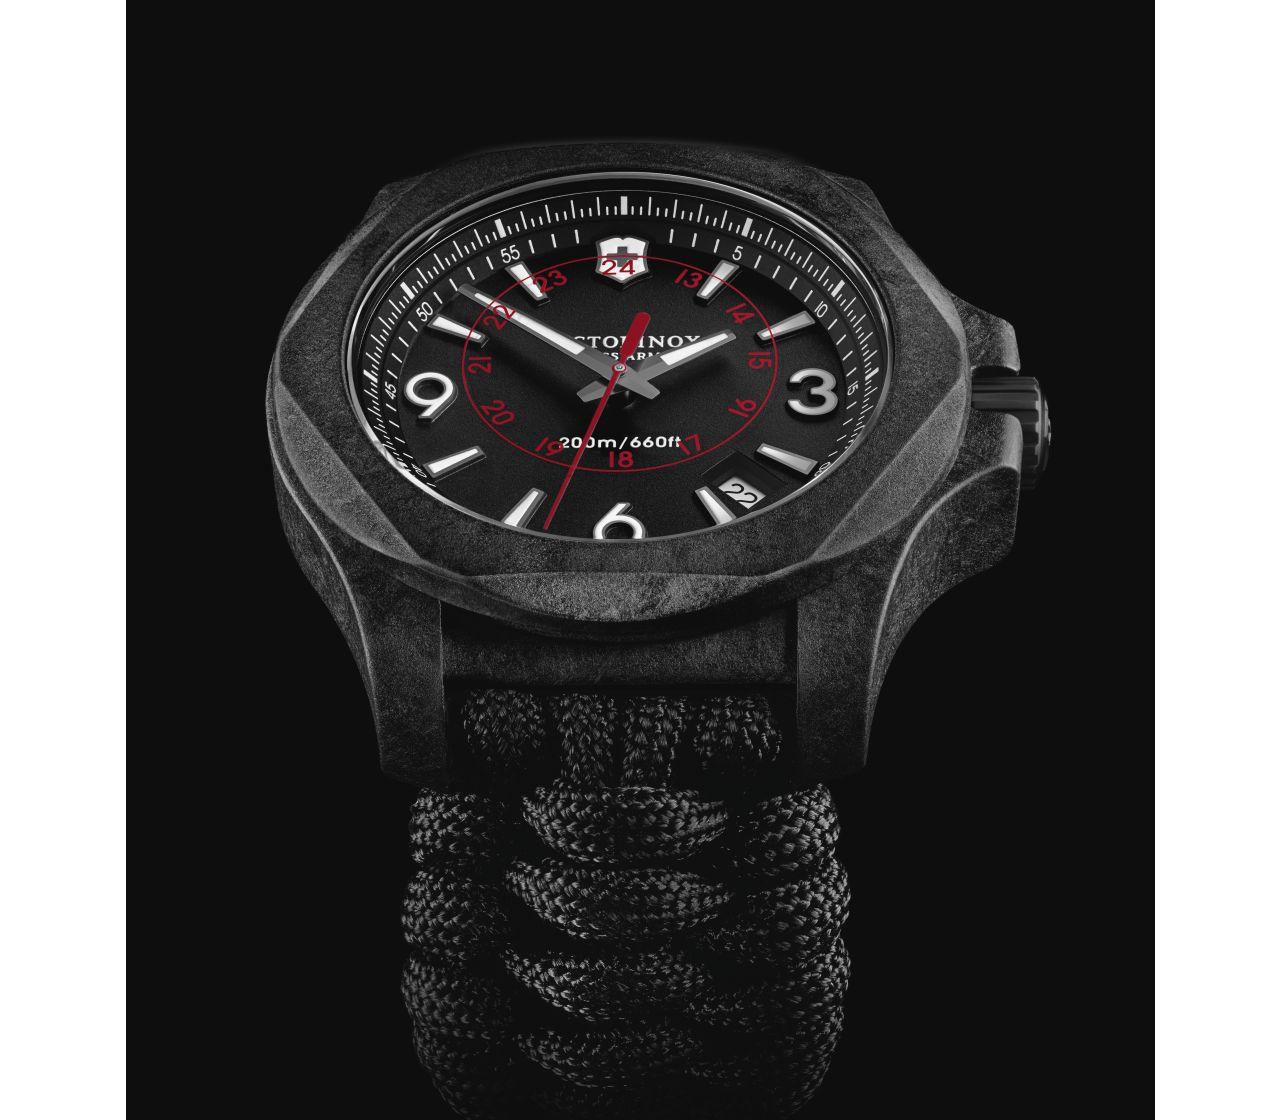 swiss army watch recon | eBay